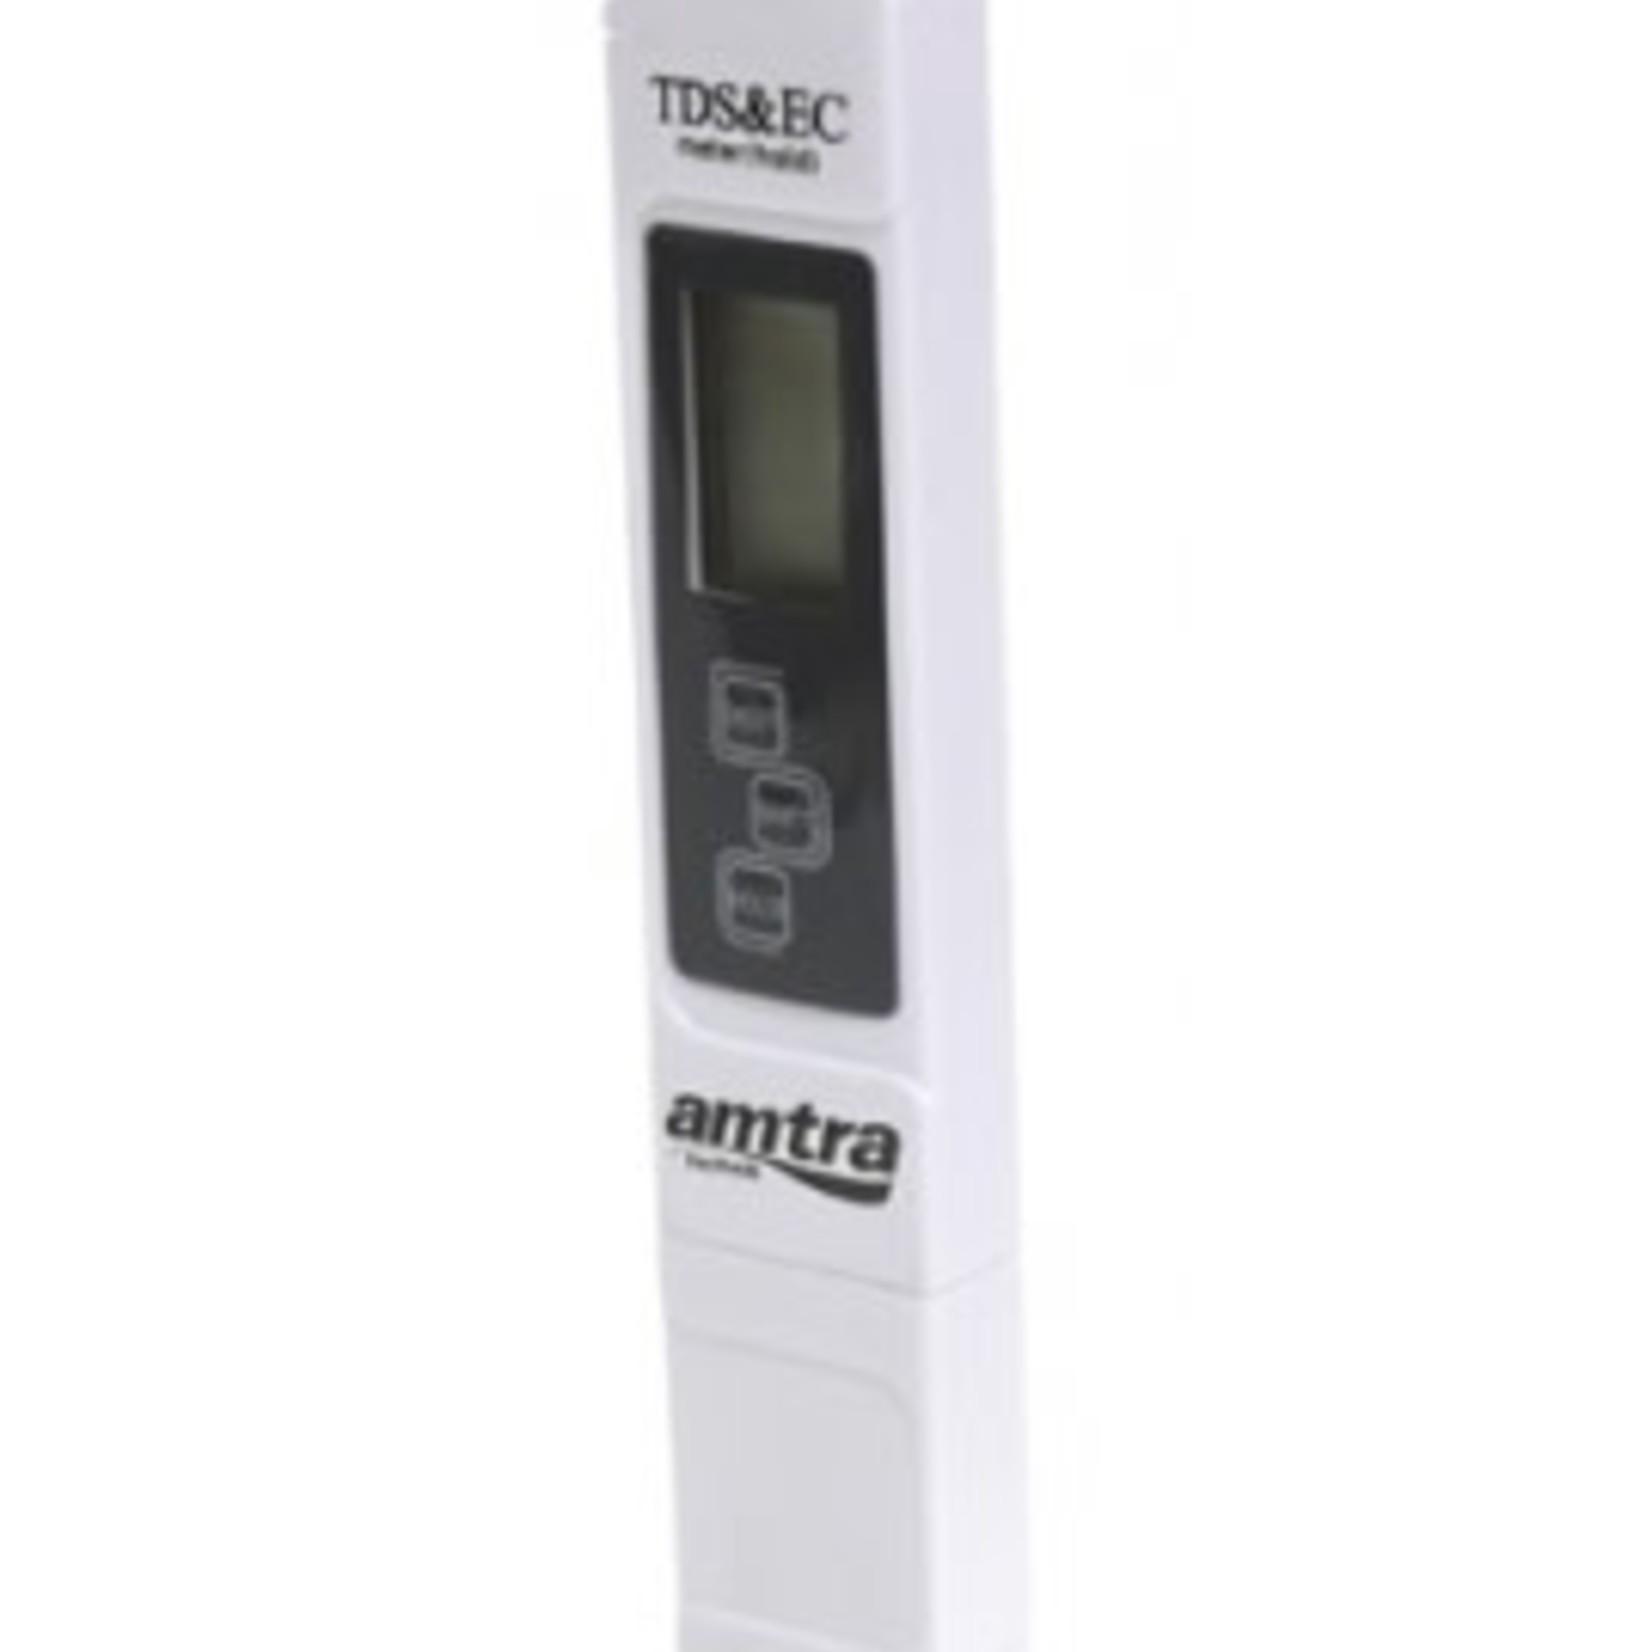 Wave/Amtra Digitale geleidbaarheidsmeter